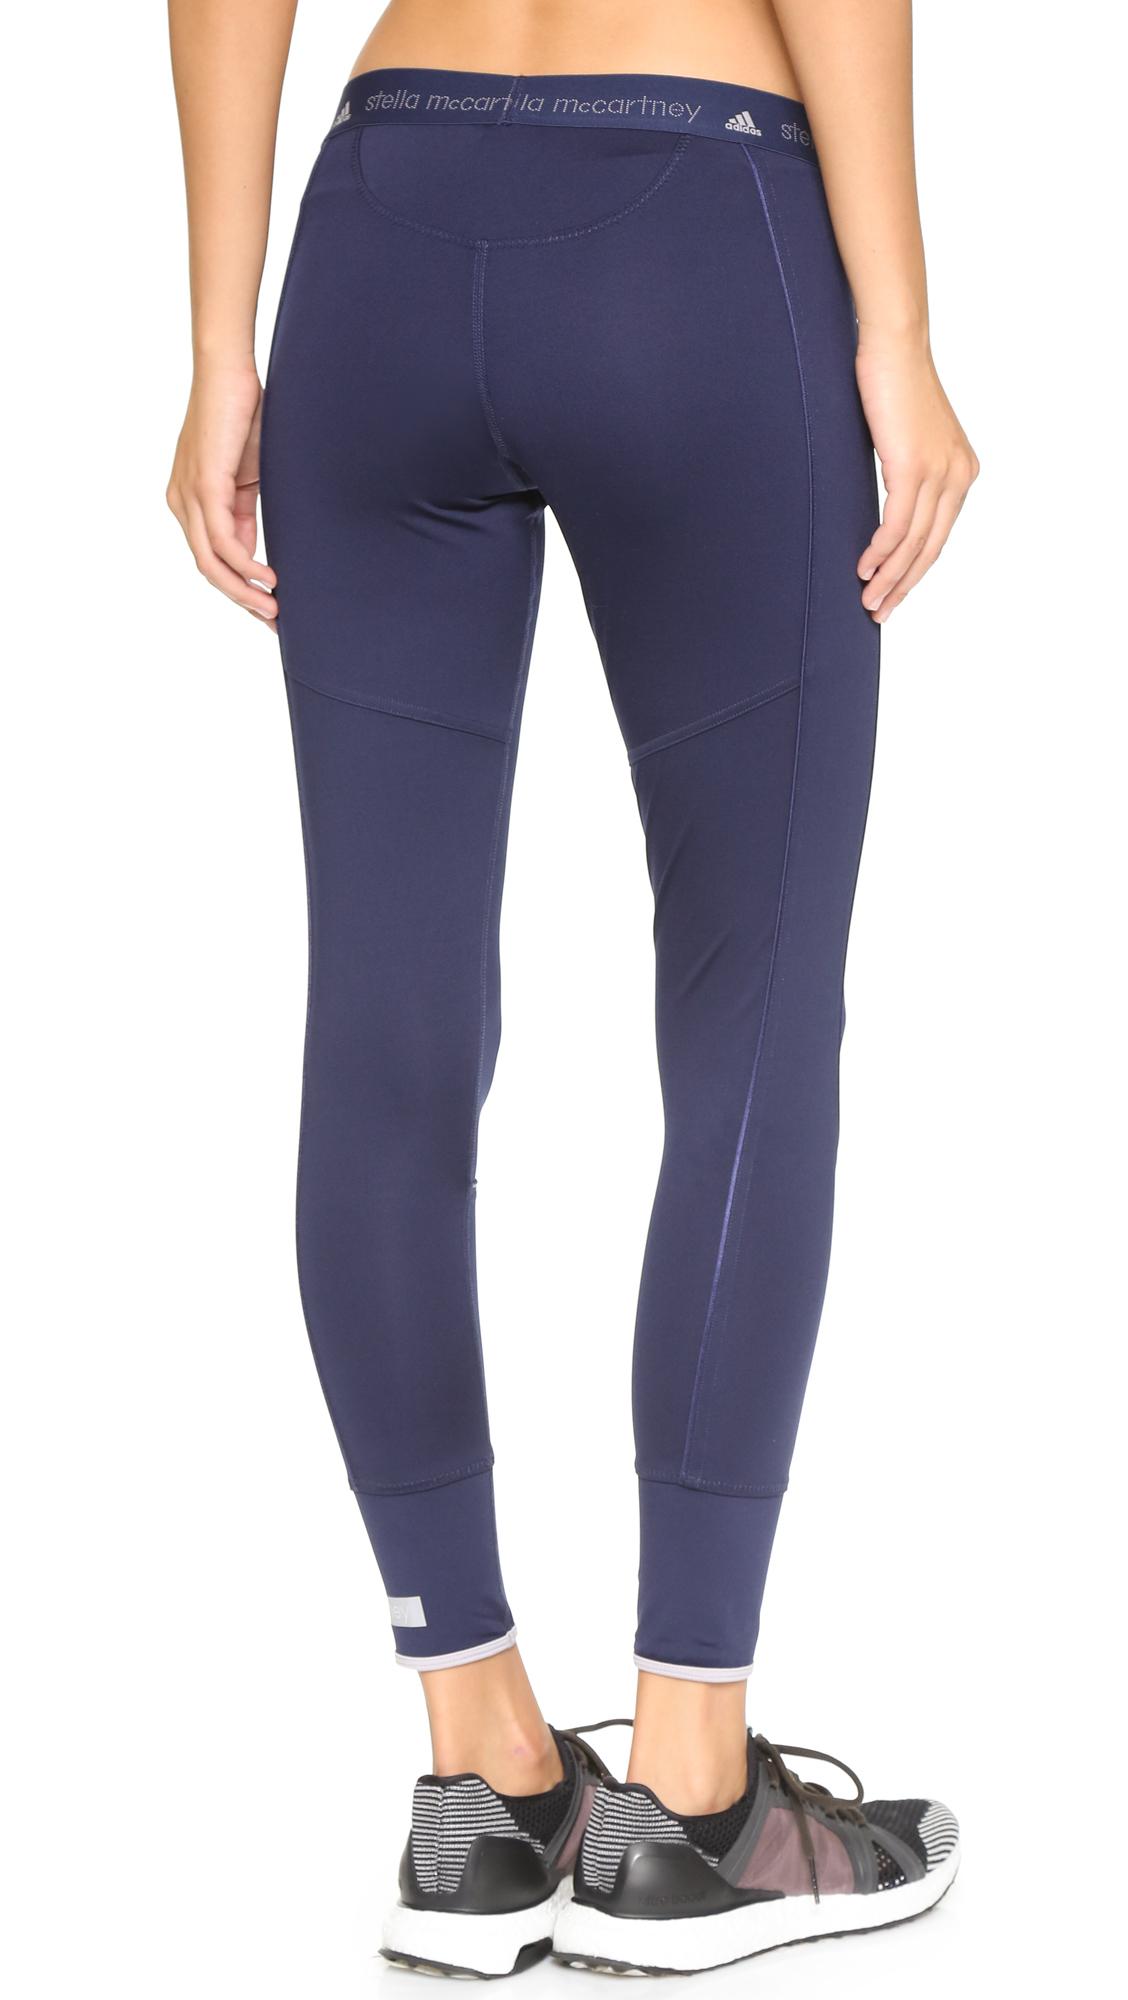 adidas By Stella McCartney Performance Essentials 7 8 Leggings in ... 53b7a6c19c